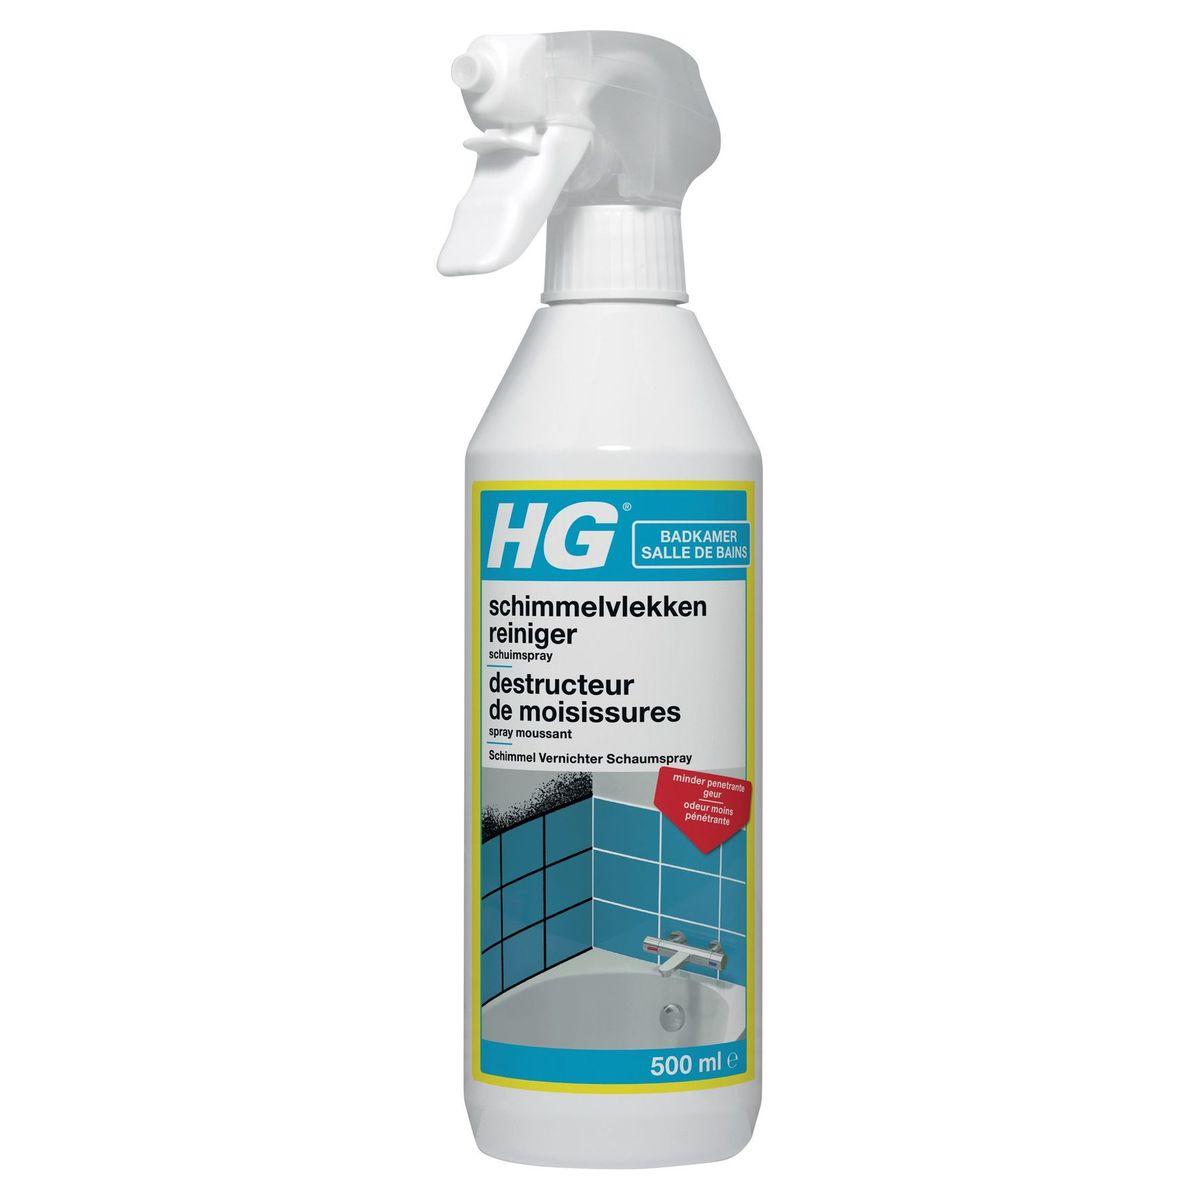 HG Sanitaire Spray Moussant Destructeur de Moisissures 500 ml